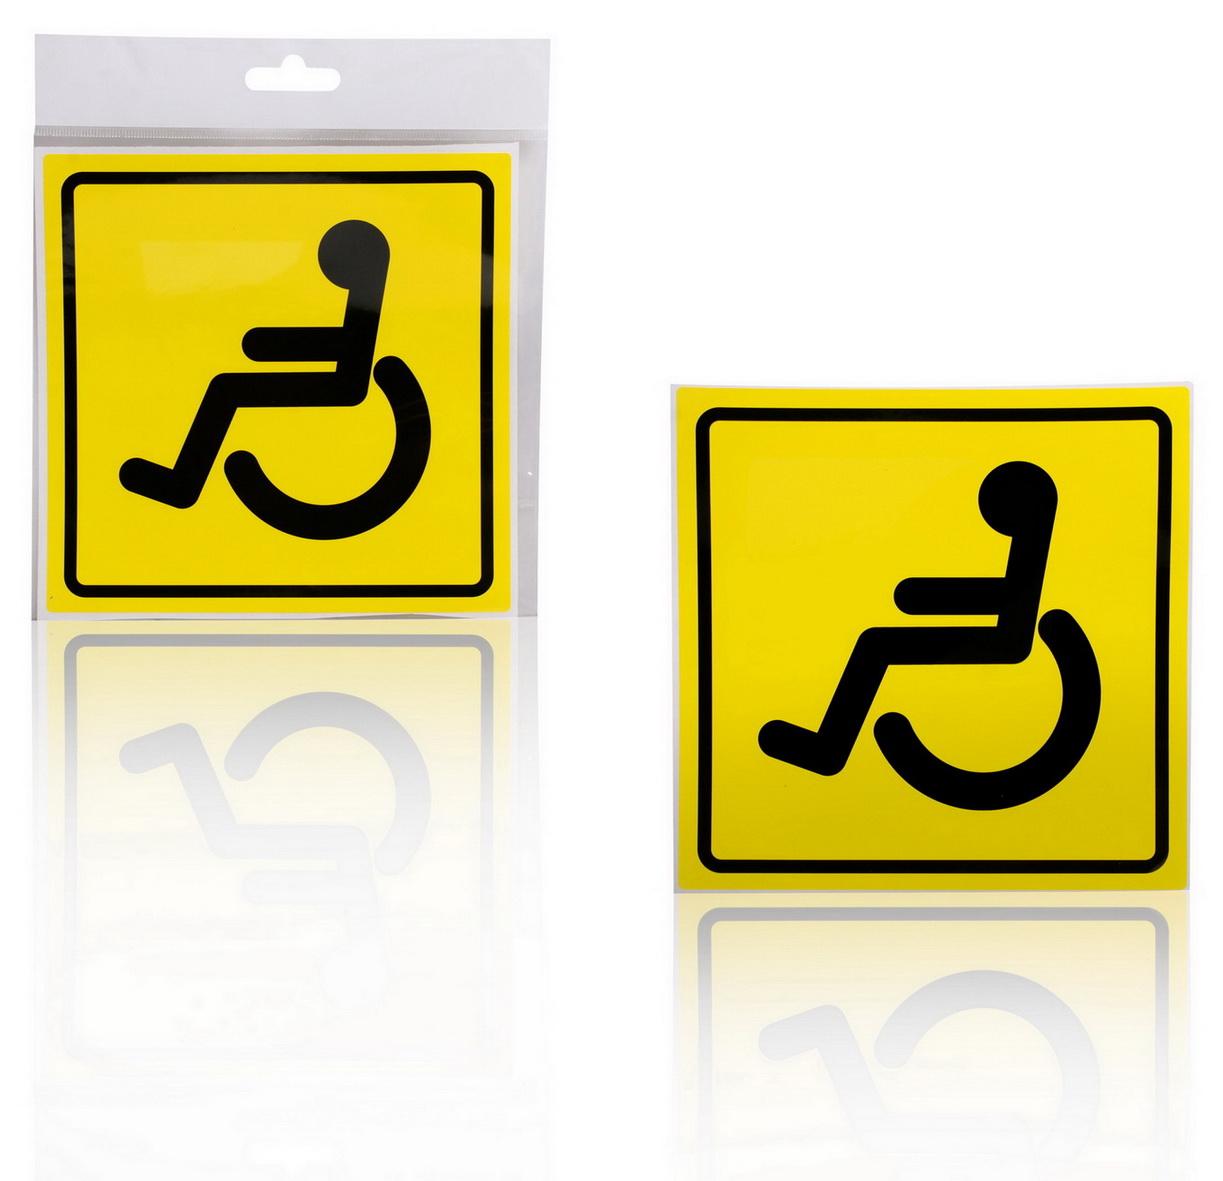 """Знак """"Инвалид"""" ГОСТ, наружный, самоклеящийся (150*150 мм), в уп. 1шт. (AZN09)"""